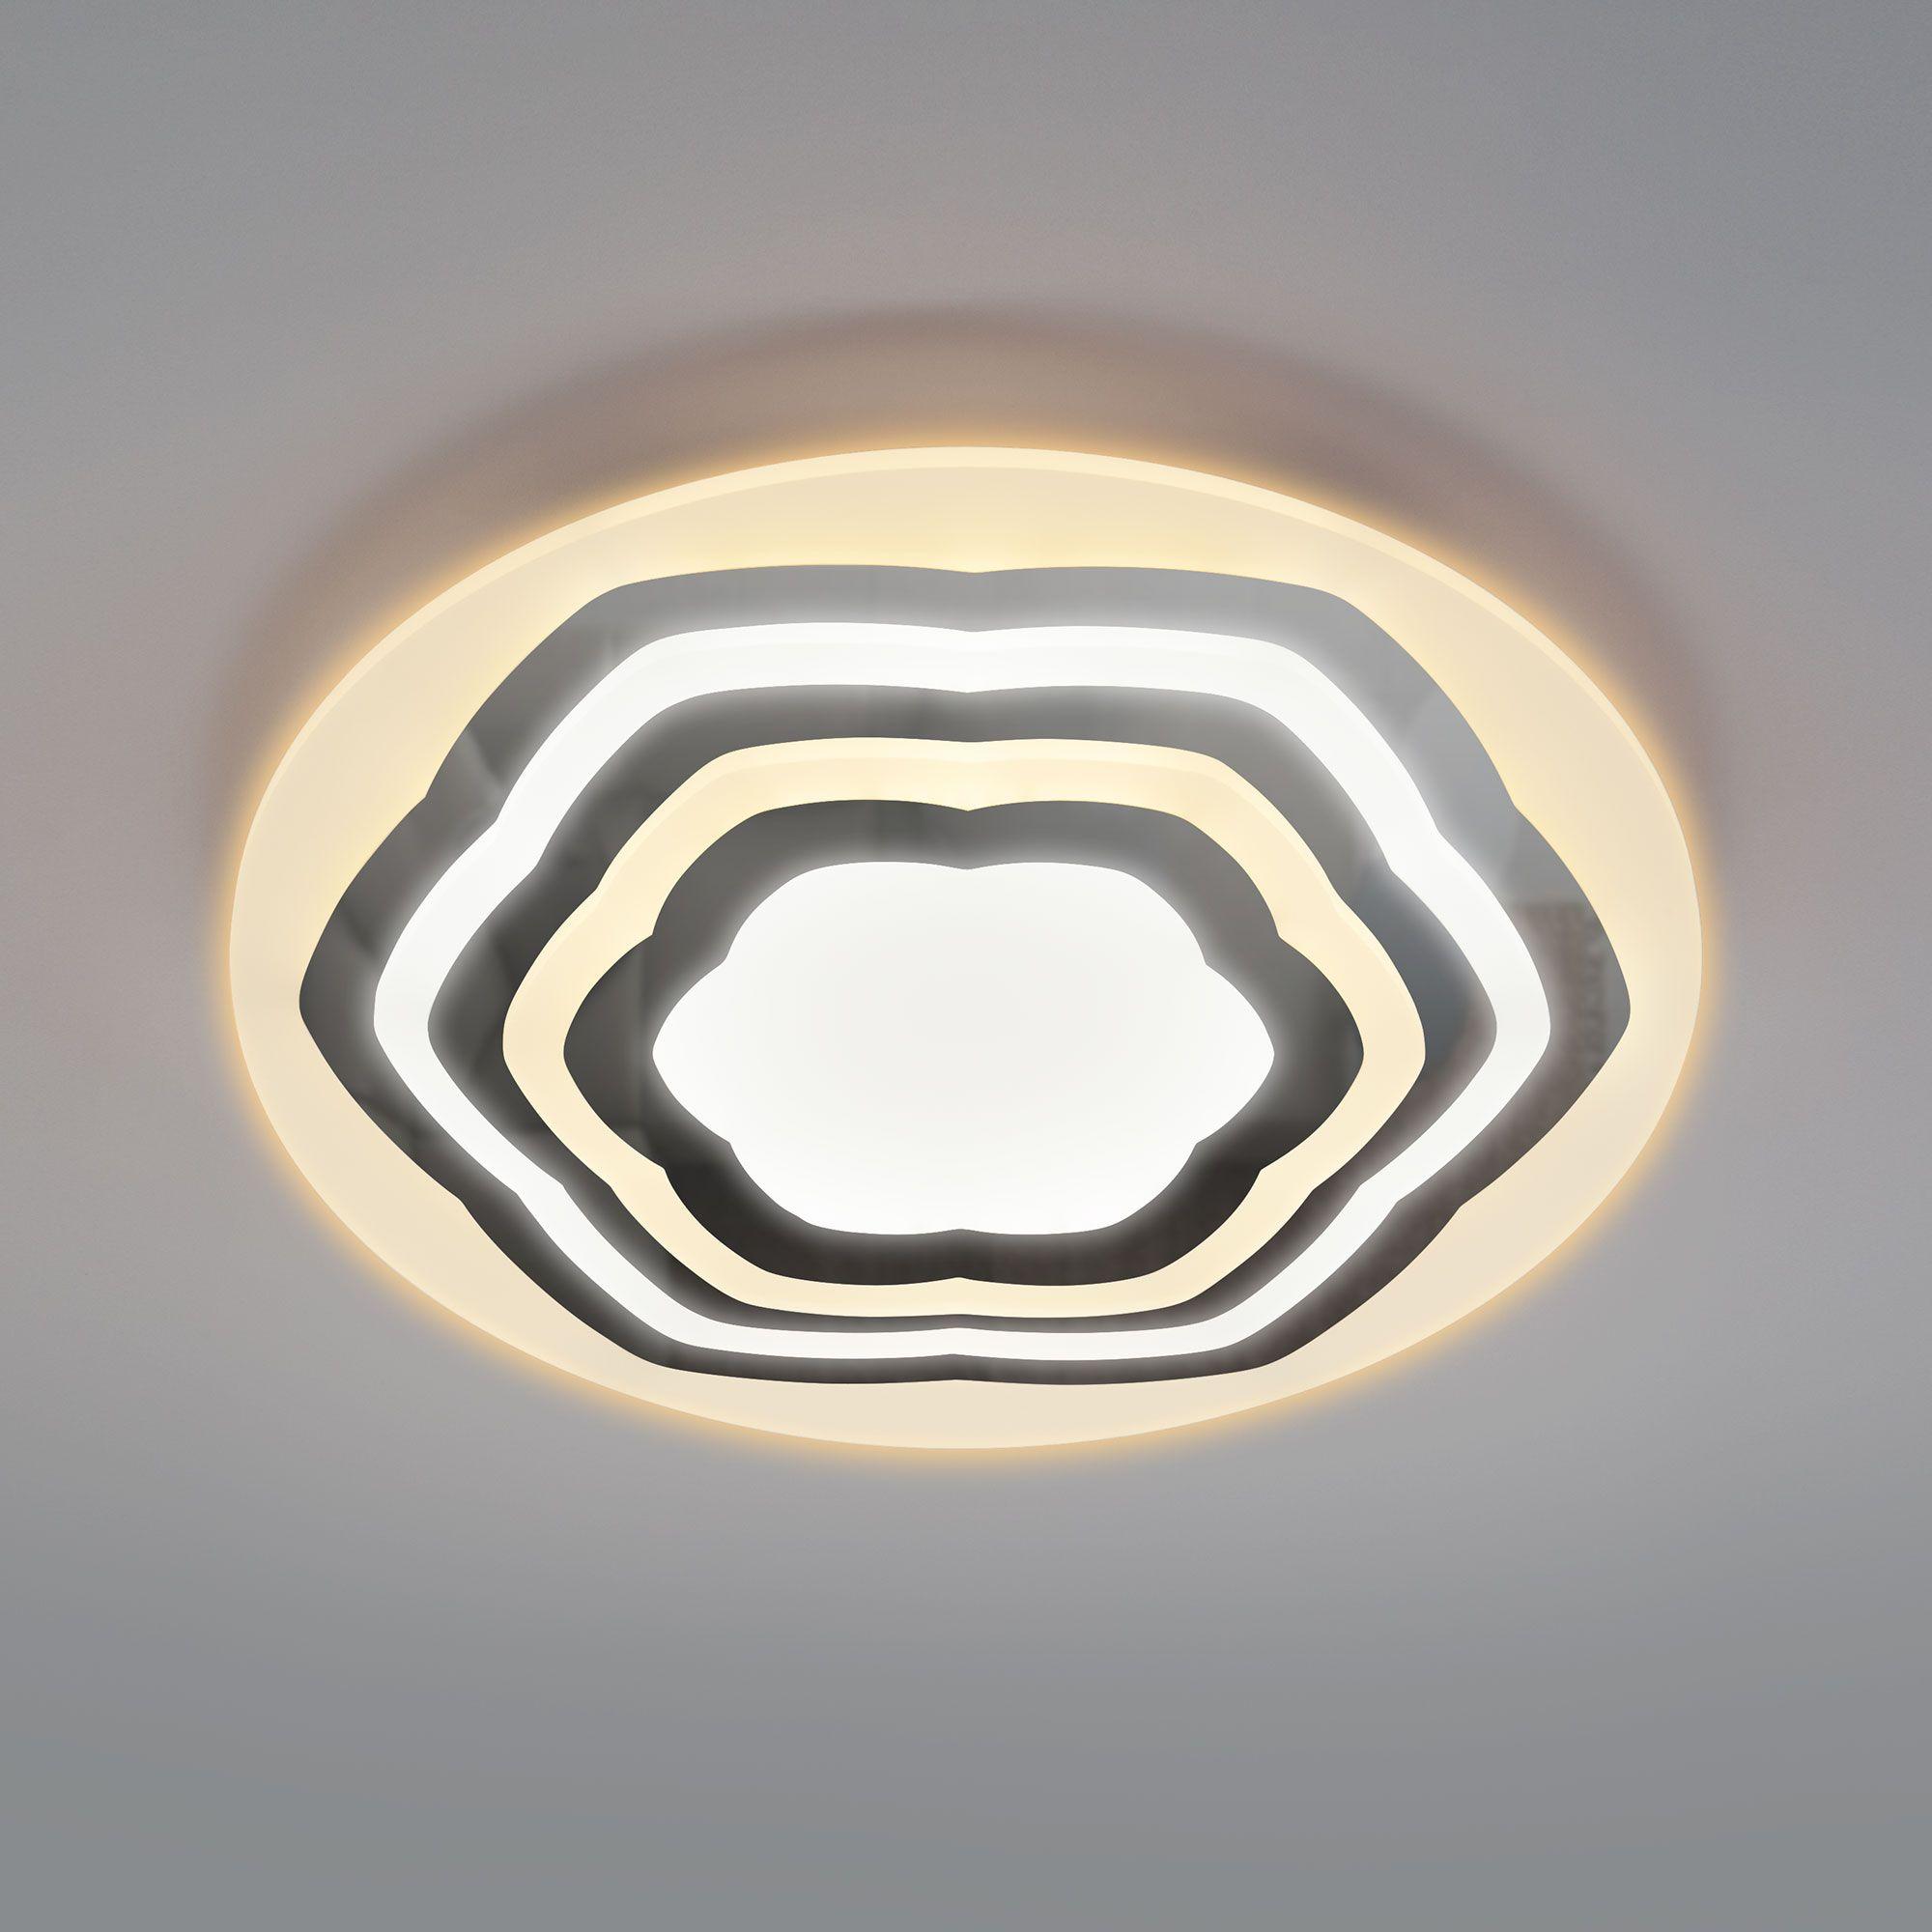 Потолочный светодиодный светильник с пультом 90117/4 хром